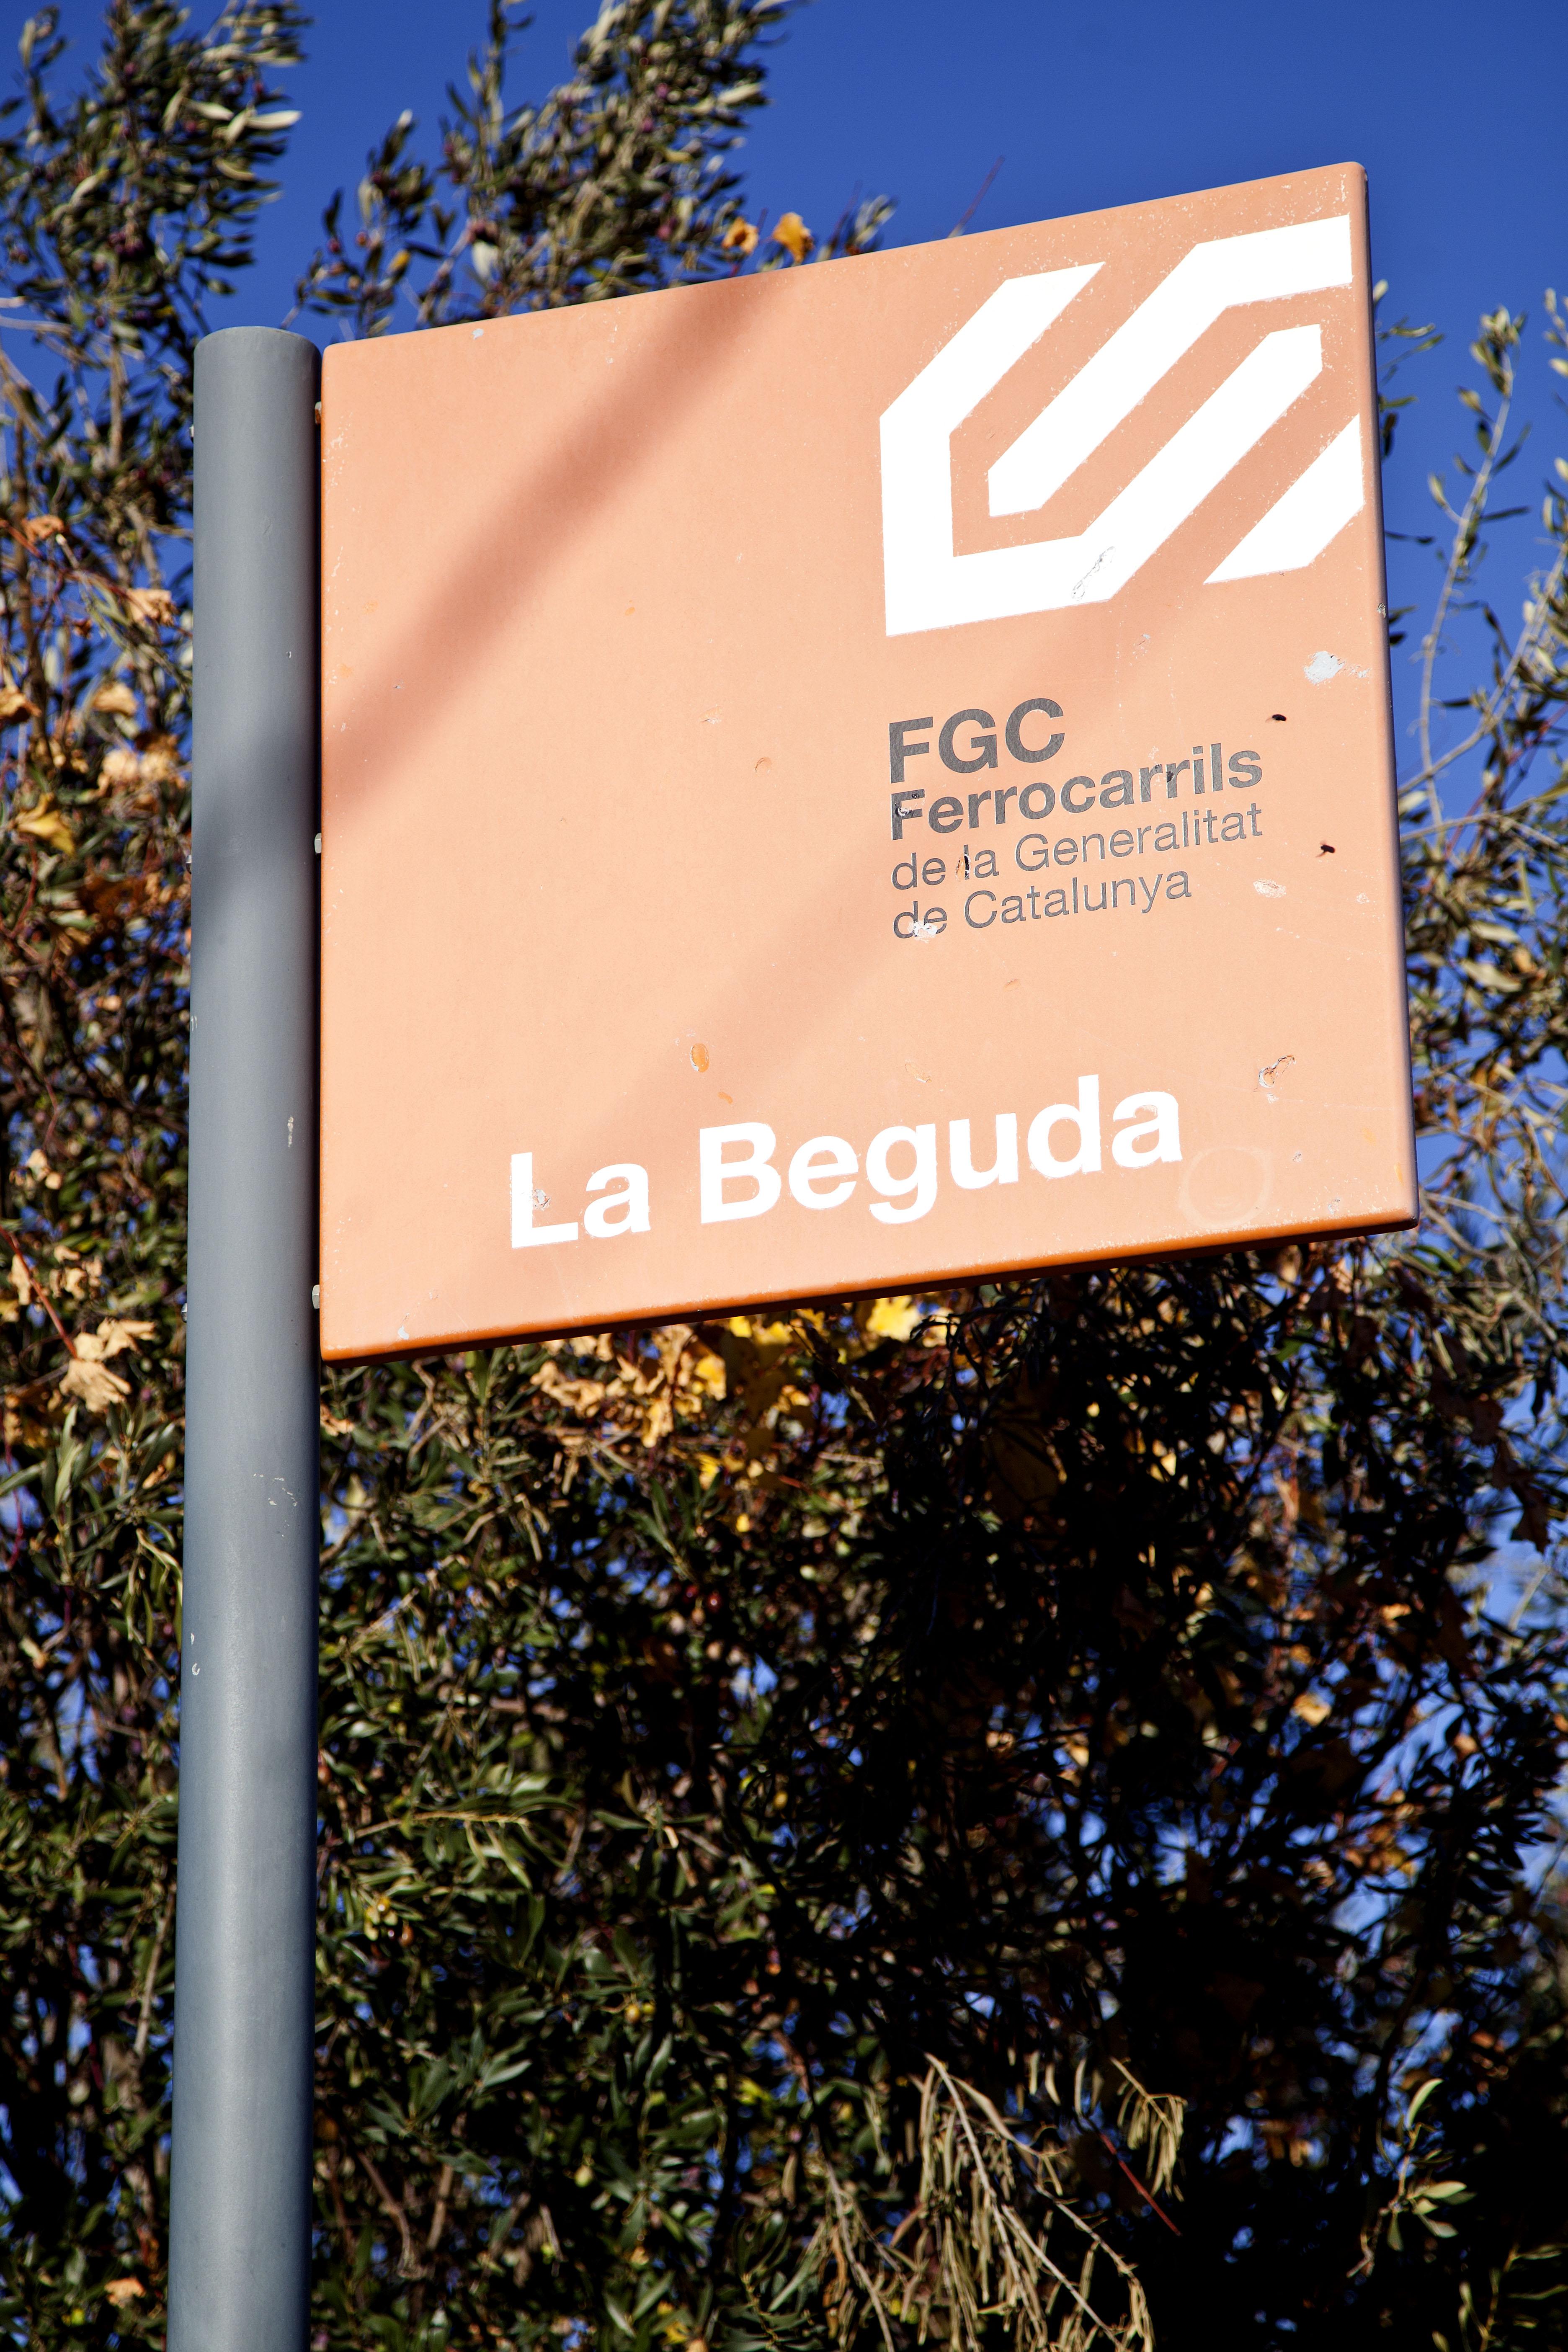 LA- BEGUDA- FGC